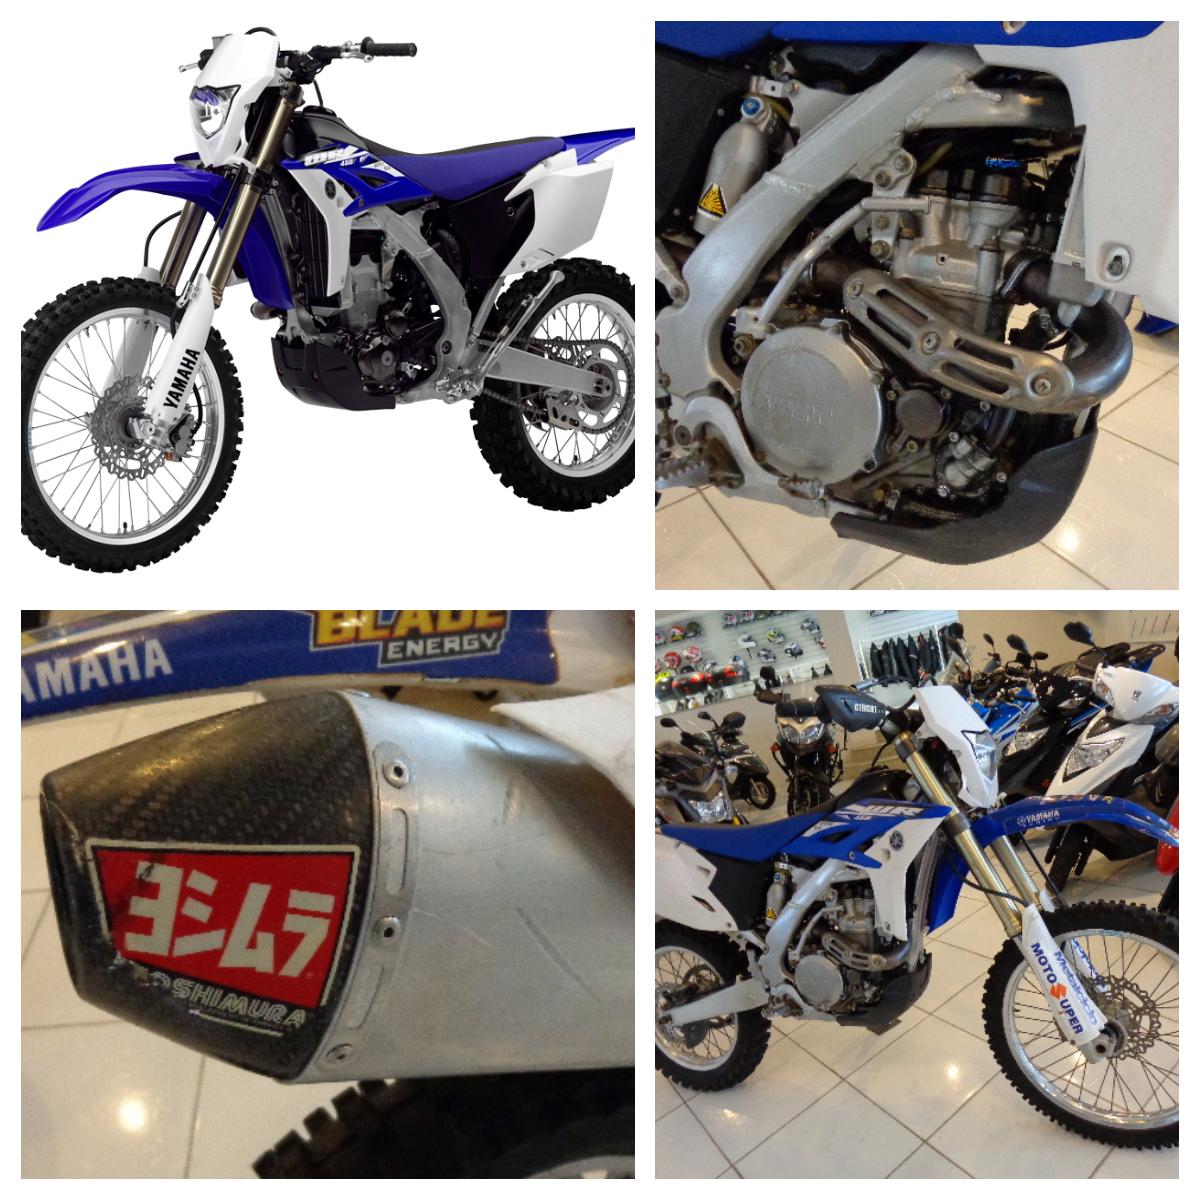 Wr 450F